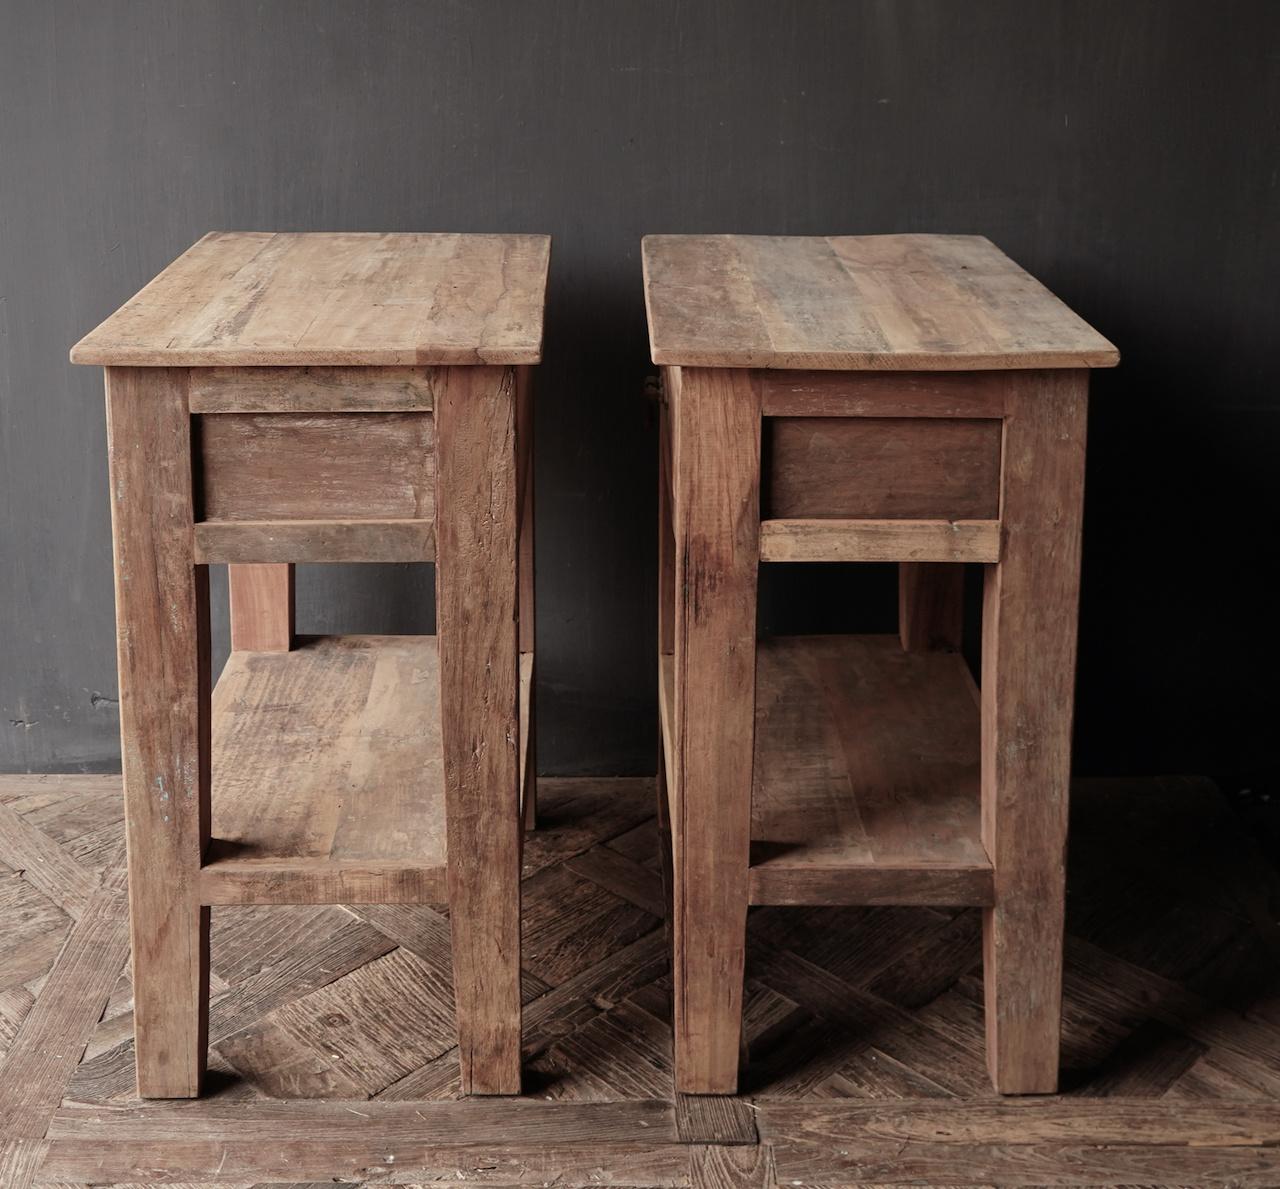 Stoer Robuust oud houten Sidetable oftewel muurtafel met een lade-5